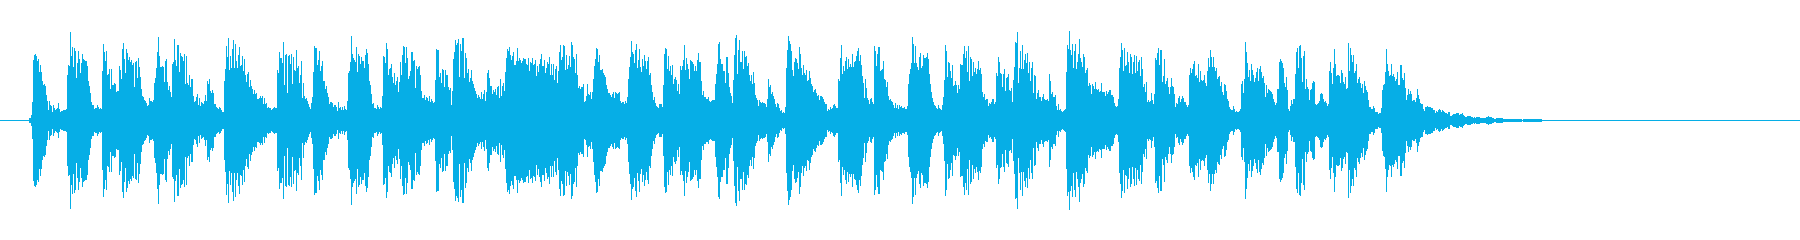 緩やかで滑らかなピアノジングルの再生済みの波形